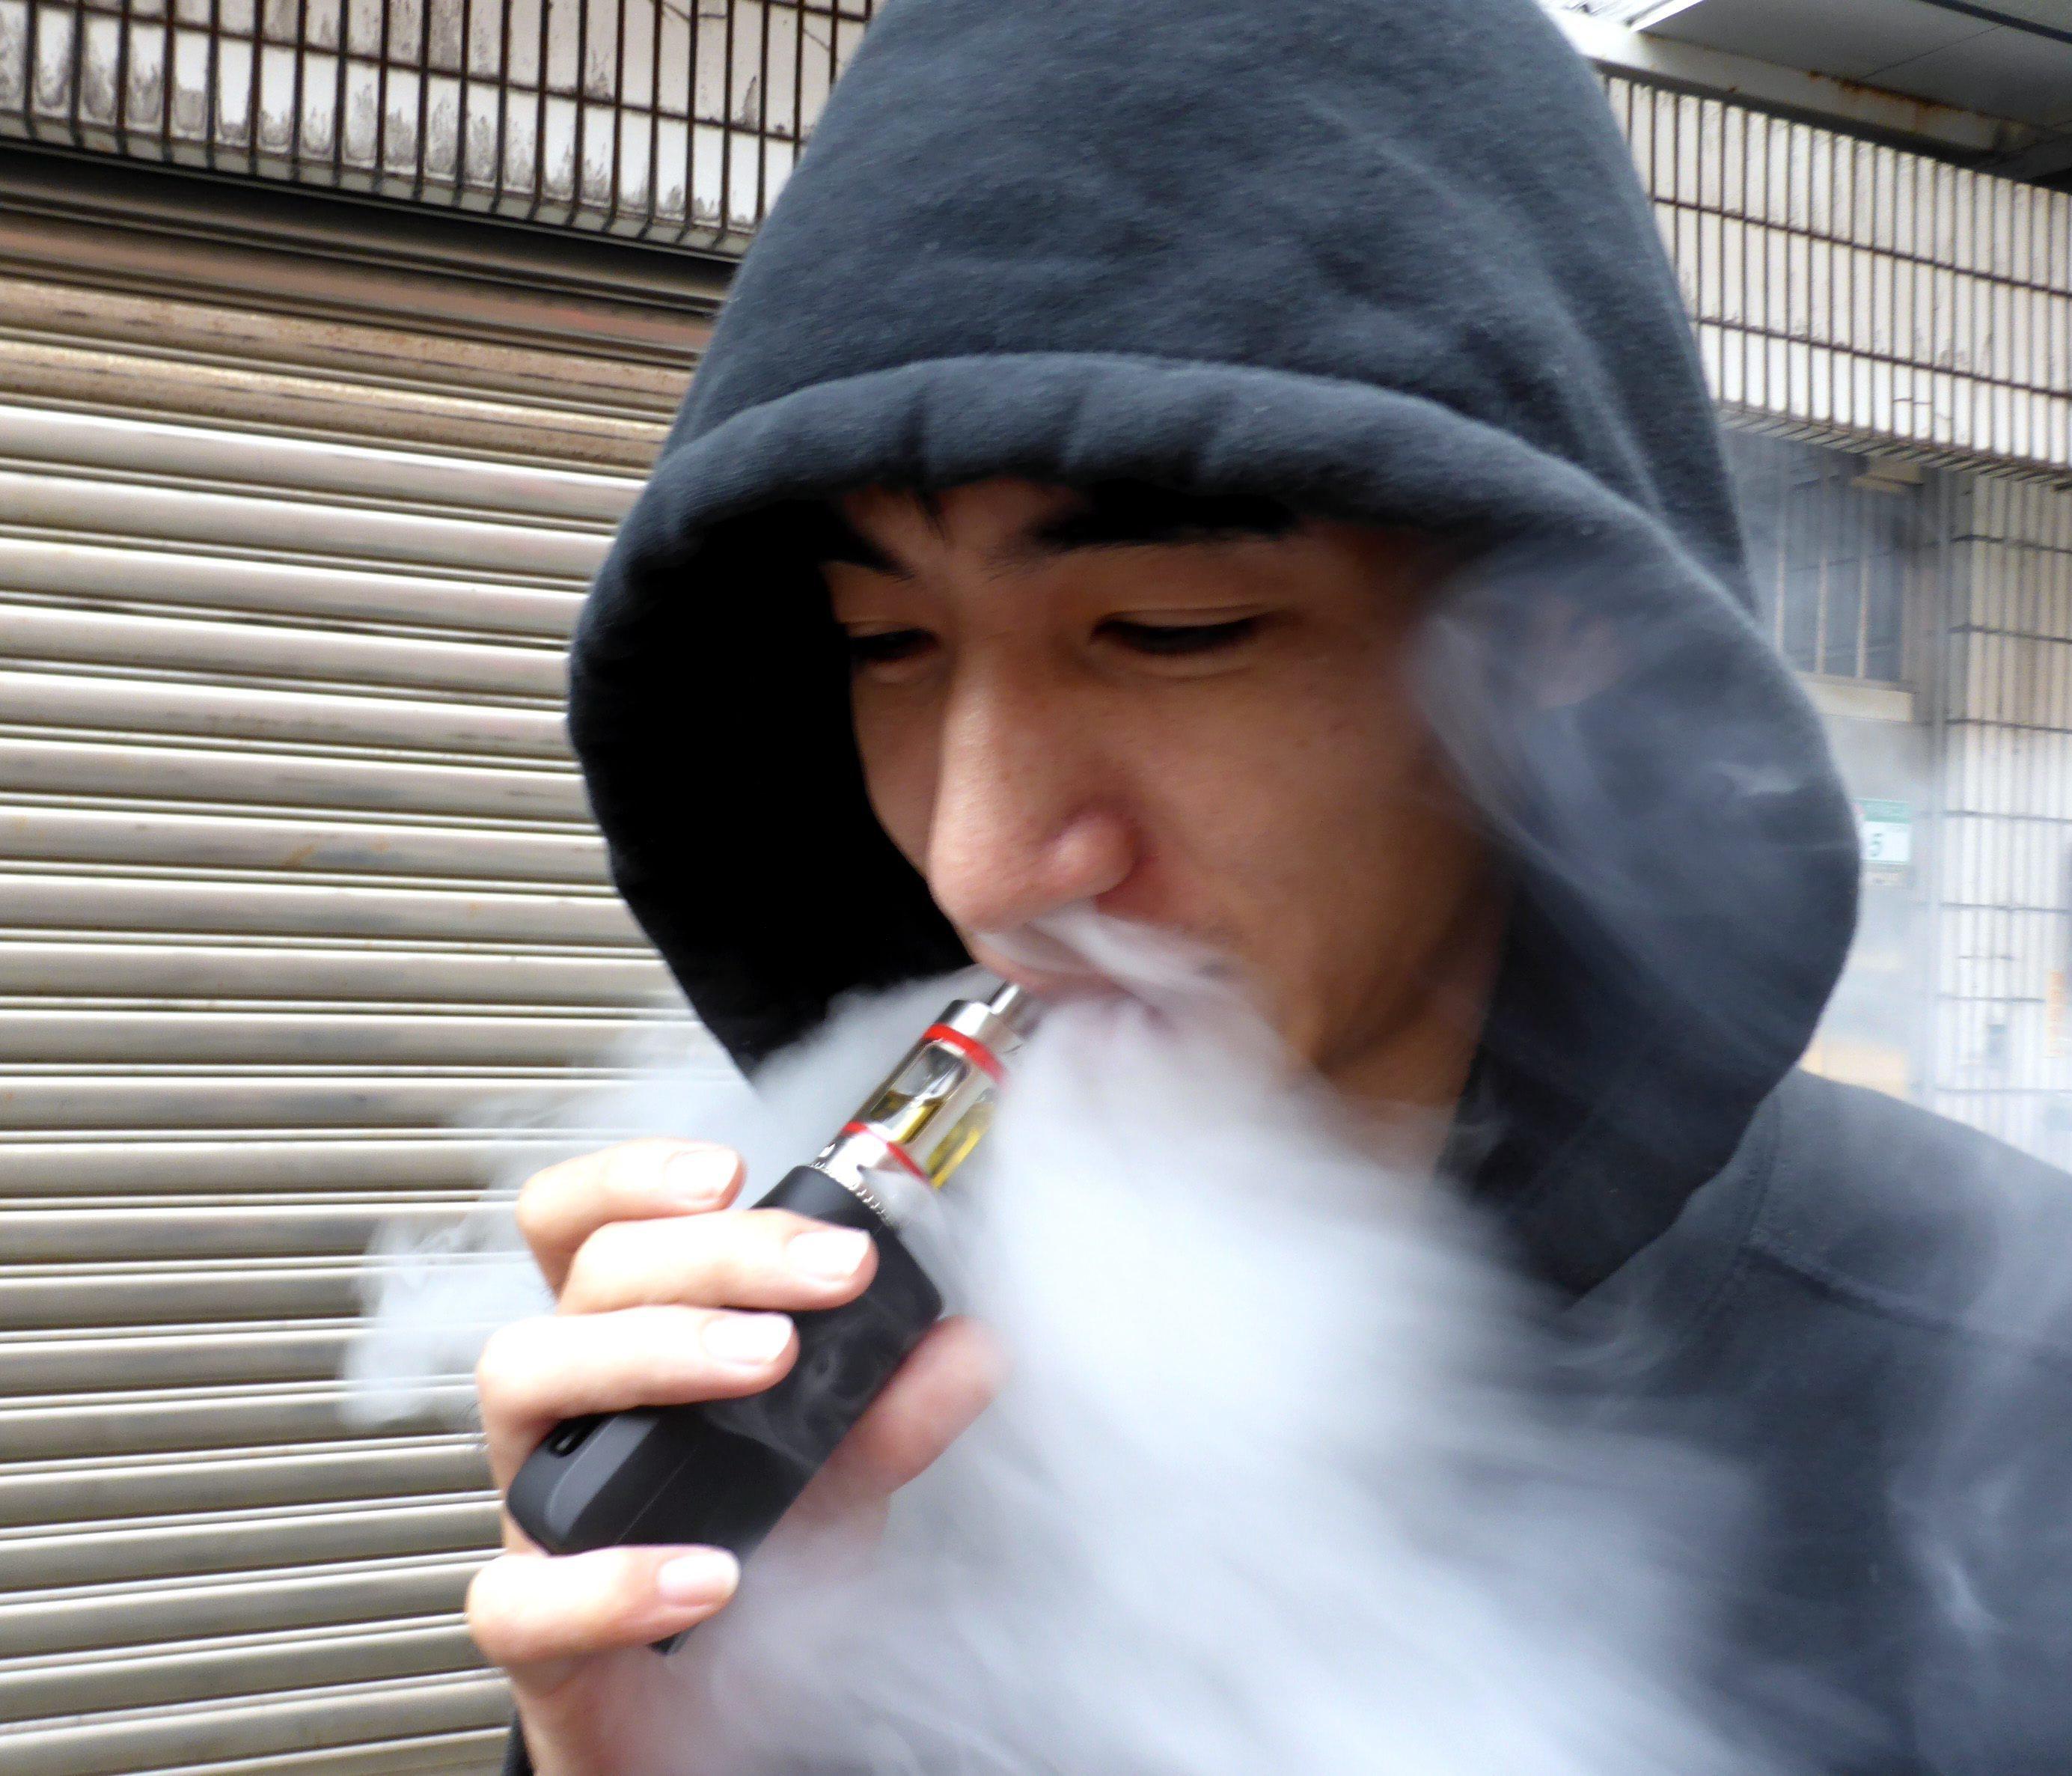 DGS desaconselha uso de cigarros eletrónicos devido a riscos para a saúde